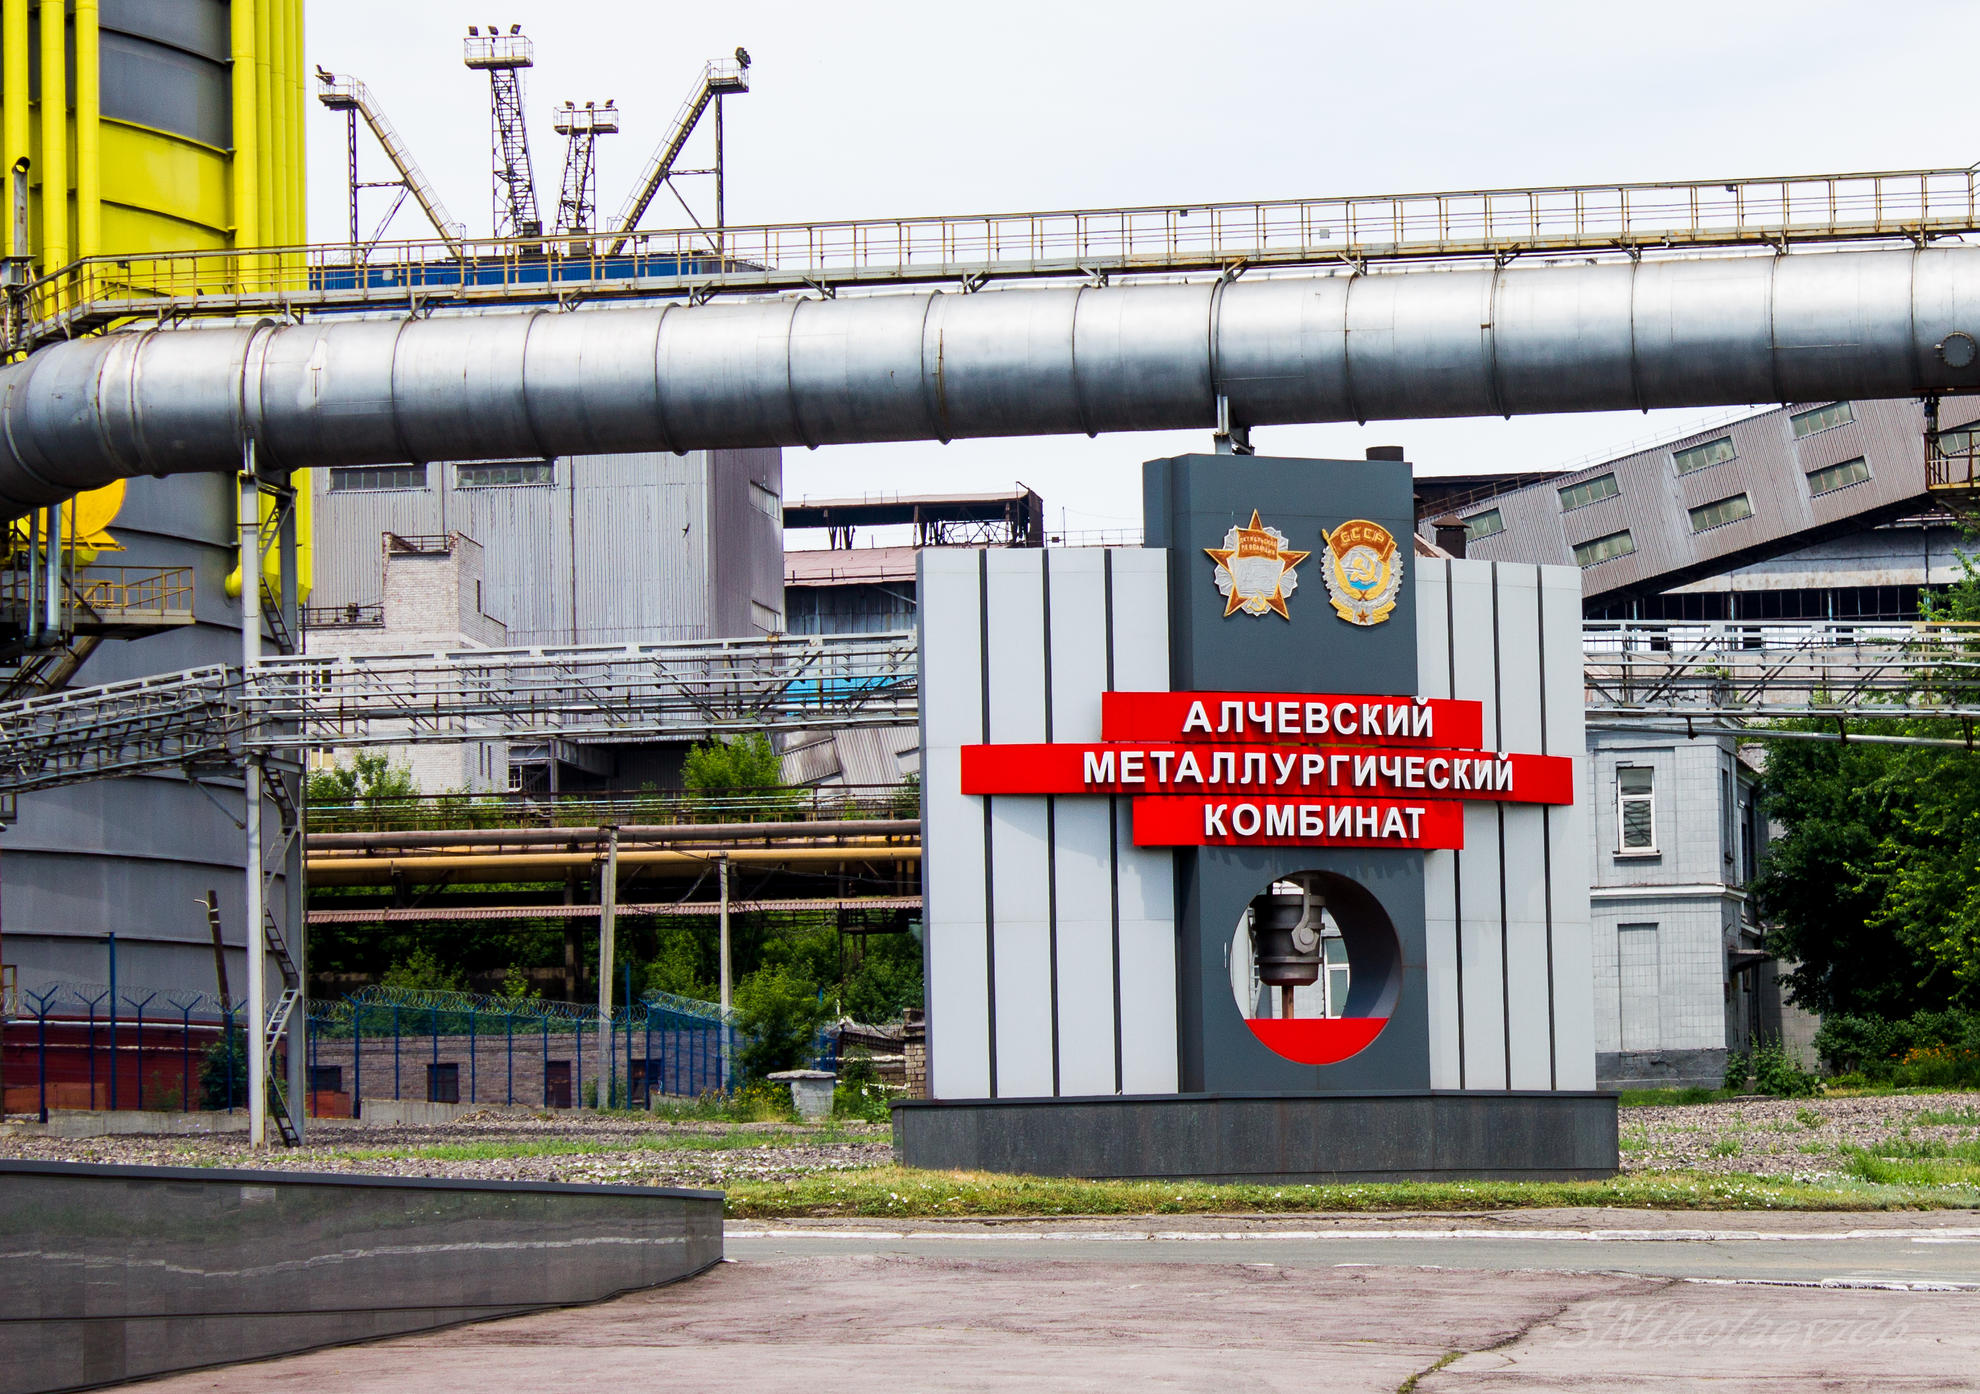 В оккупированном Алчевске Меткомбинат закрыли на 3 недели